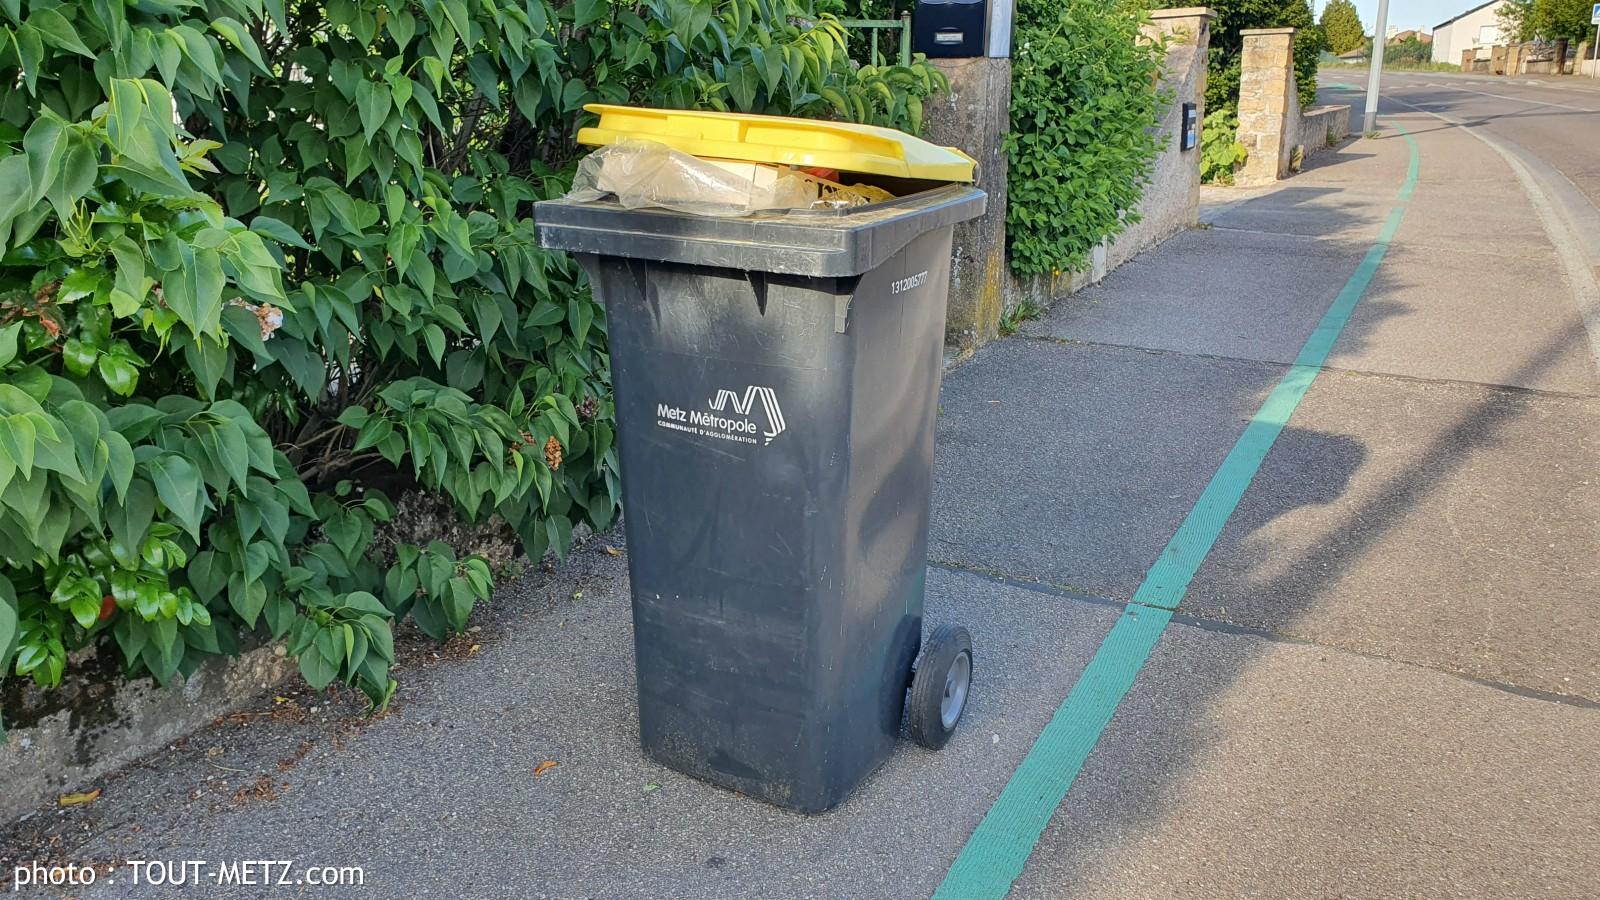 Photo de La collecte des déchets recyclables reprend le 11 mai dans toutes les communes de Metz Métropole